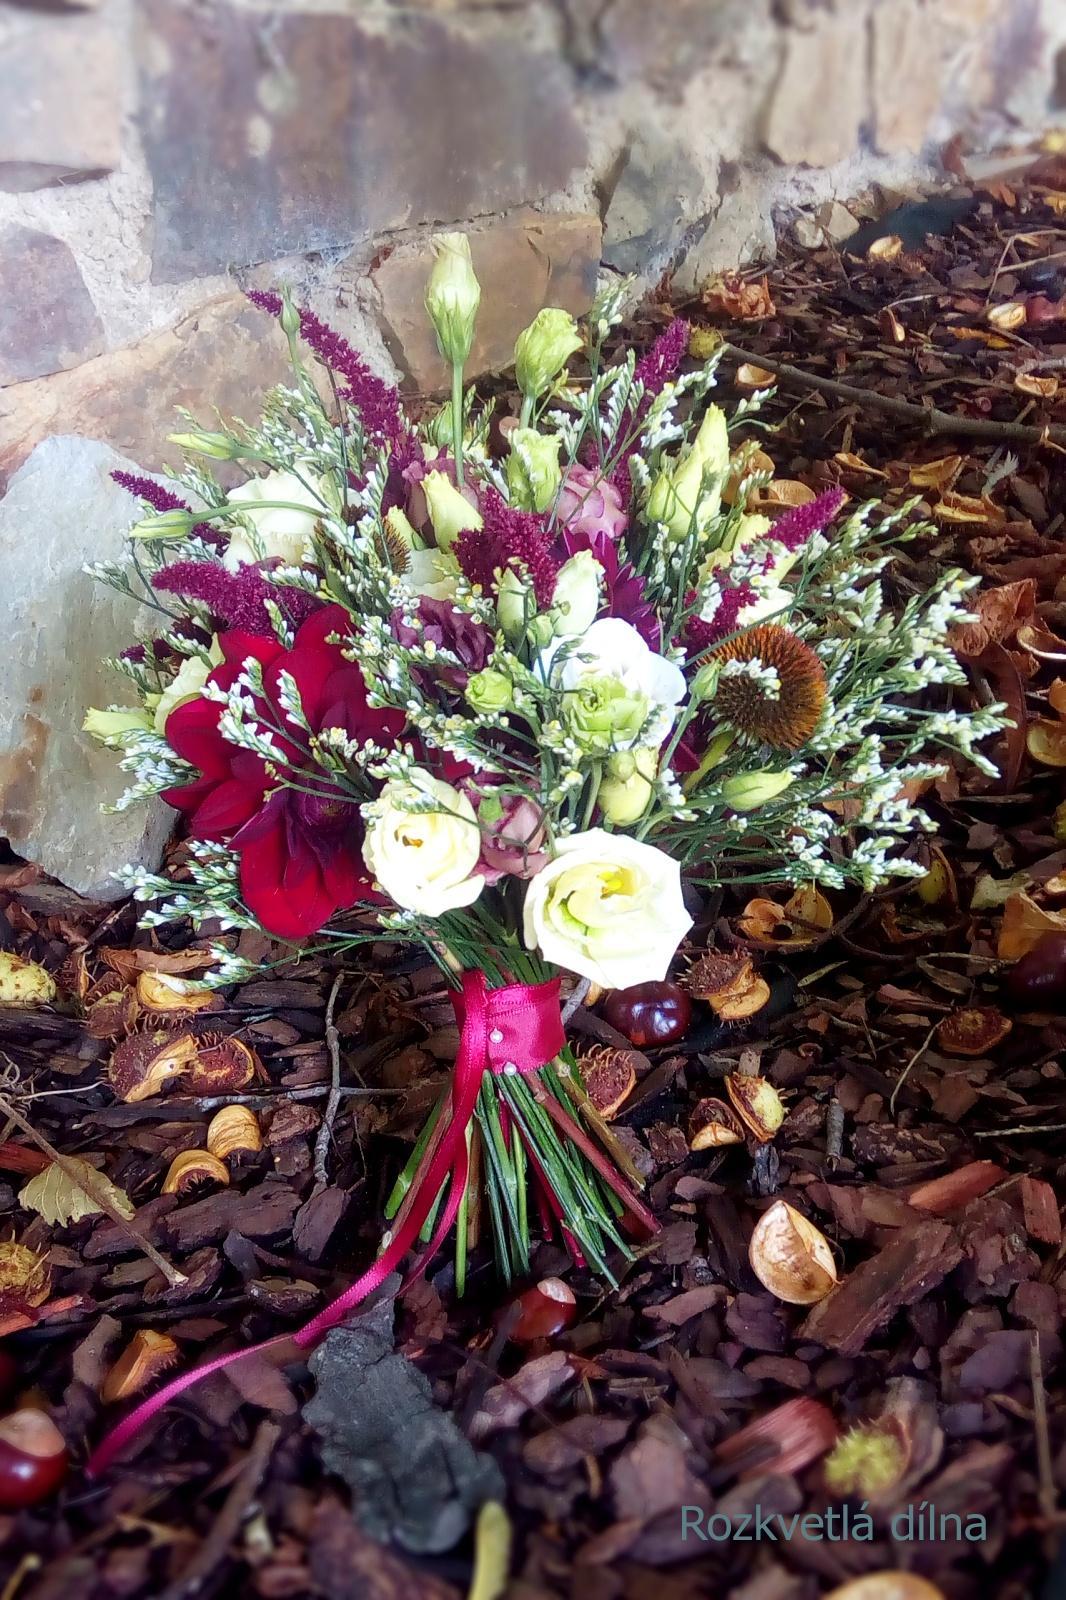 Podzimní svatba v bordó-krémové pro Káju a Toma - Svatební kytice v bordó tónech